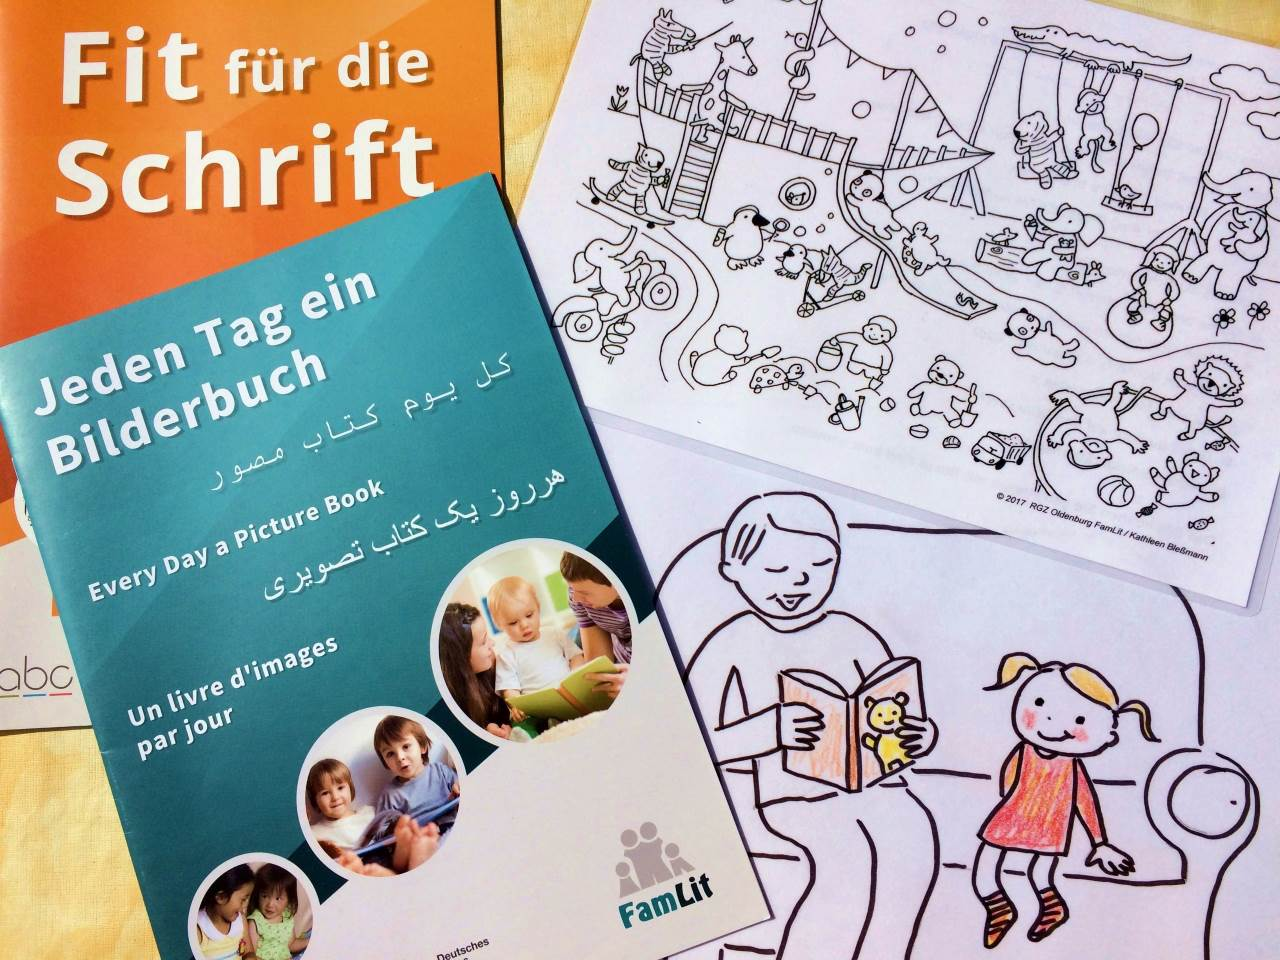 Broschüren zum Lernen in der Familie in Leichter Sprache